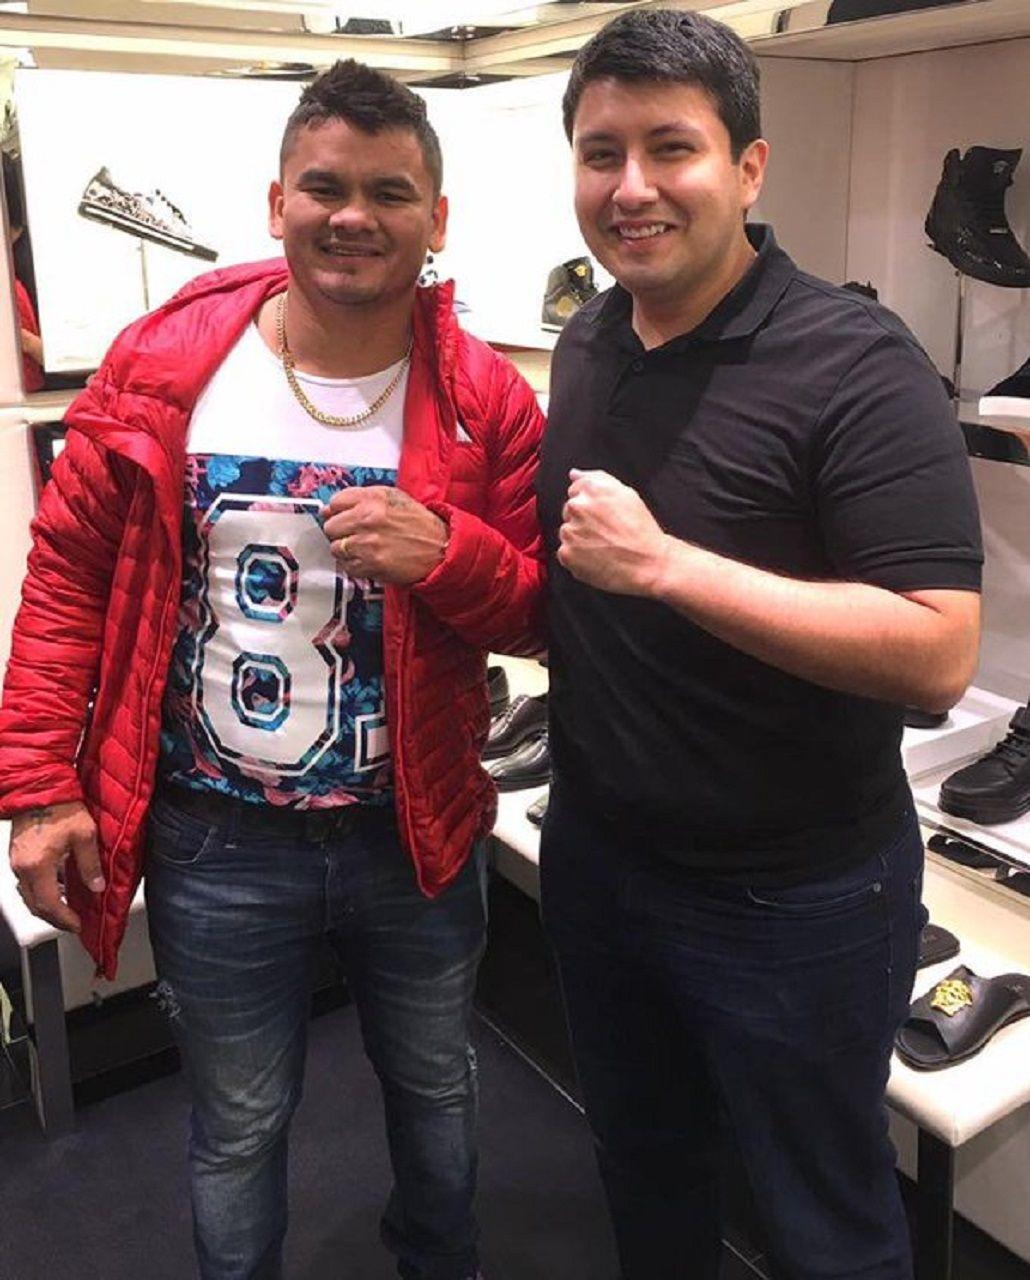 Una foto que se volvió viral en redes sociales muestra al Chino Maidana muy excedido de peso